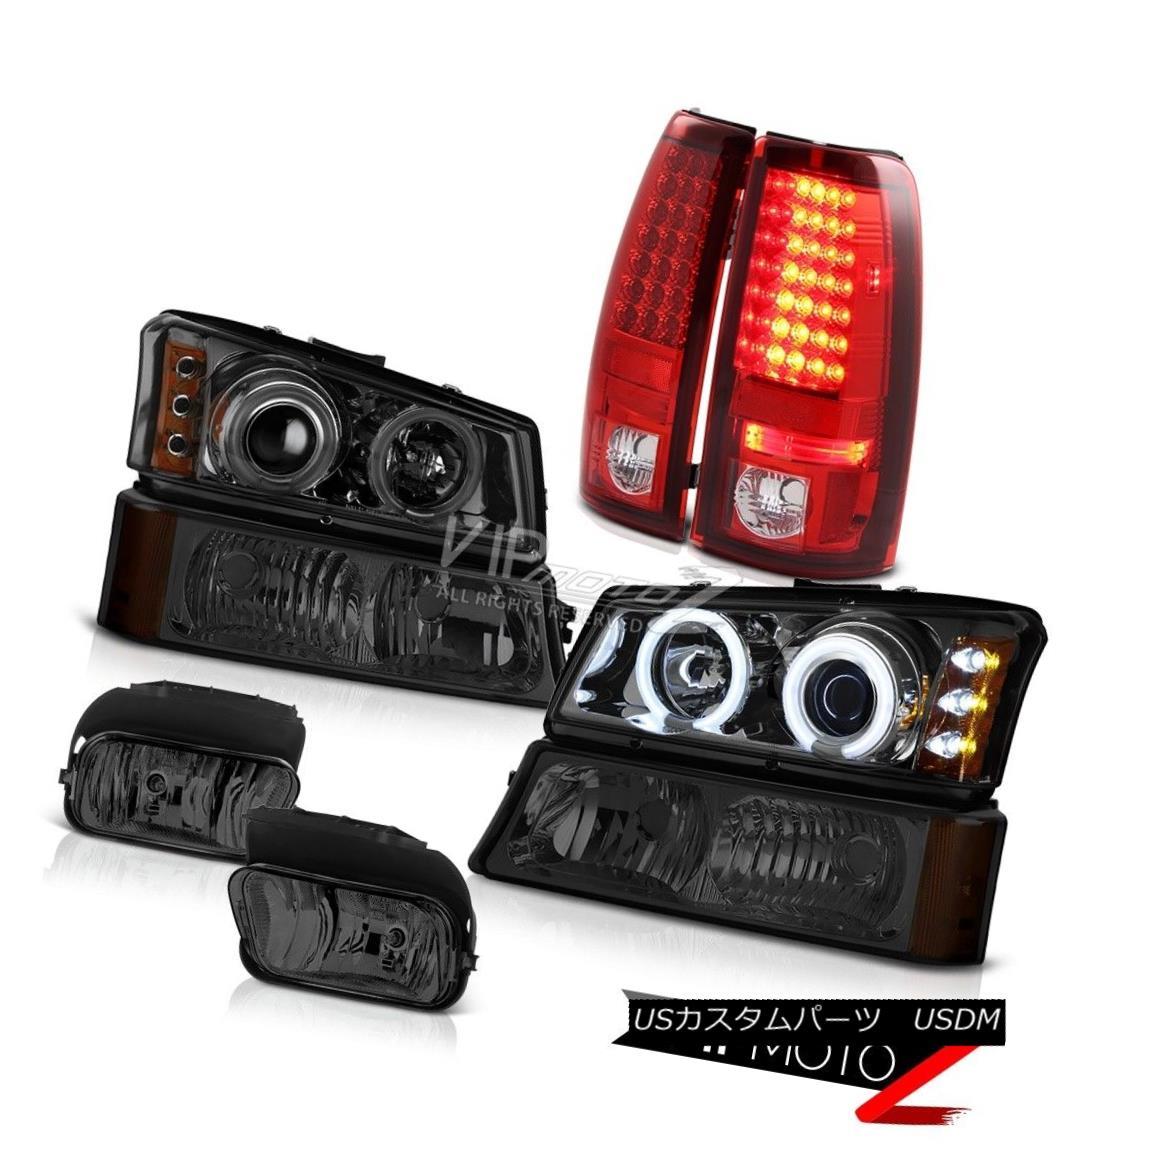 ヘッドライト Daytime CCFL Halo Headlight Bumper LED Bulb Tail Lights Foglight 03-06 Silverado 昼間CCFL HaloヘッドライトバンパーLED電球テールライトFoglight 03-06 Silverado